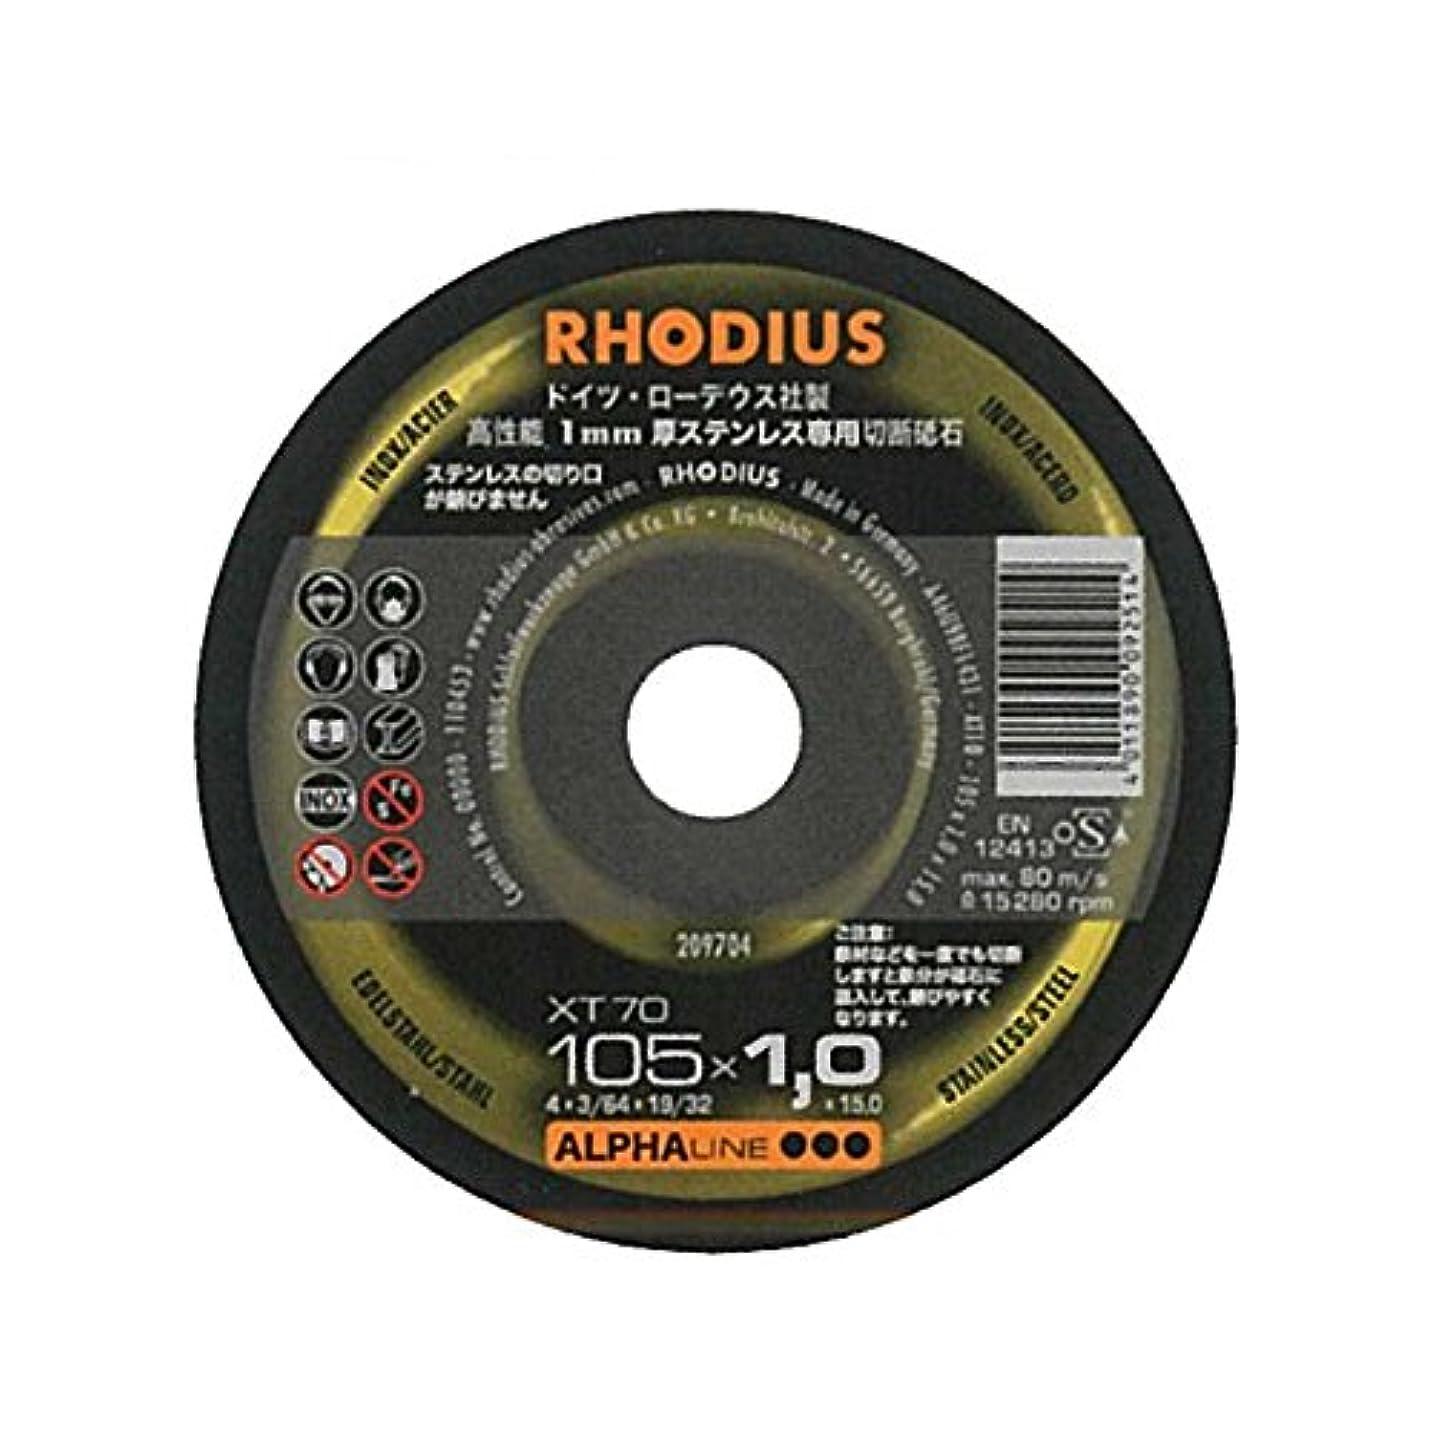 勝つ制限されたジョージバーナード【200枚】 切断トイシ 砥石 XT70 ローデウス ステンレスアトム RHODIUS 1-1.5mm 両面補強 三富D